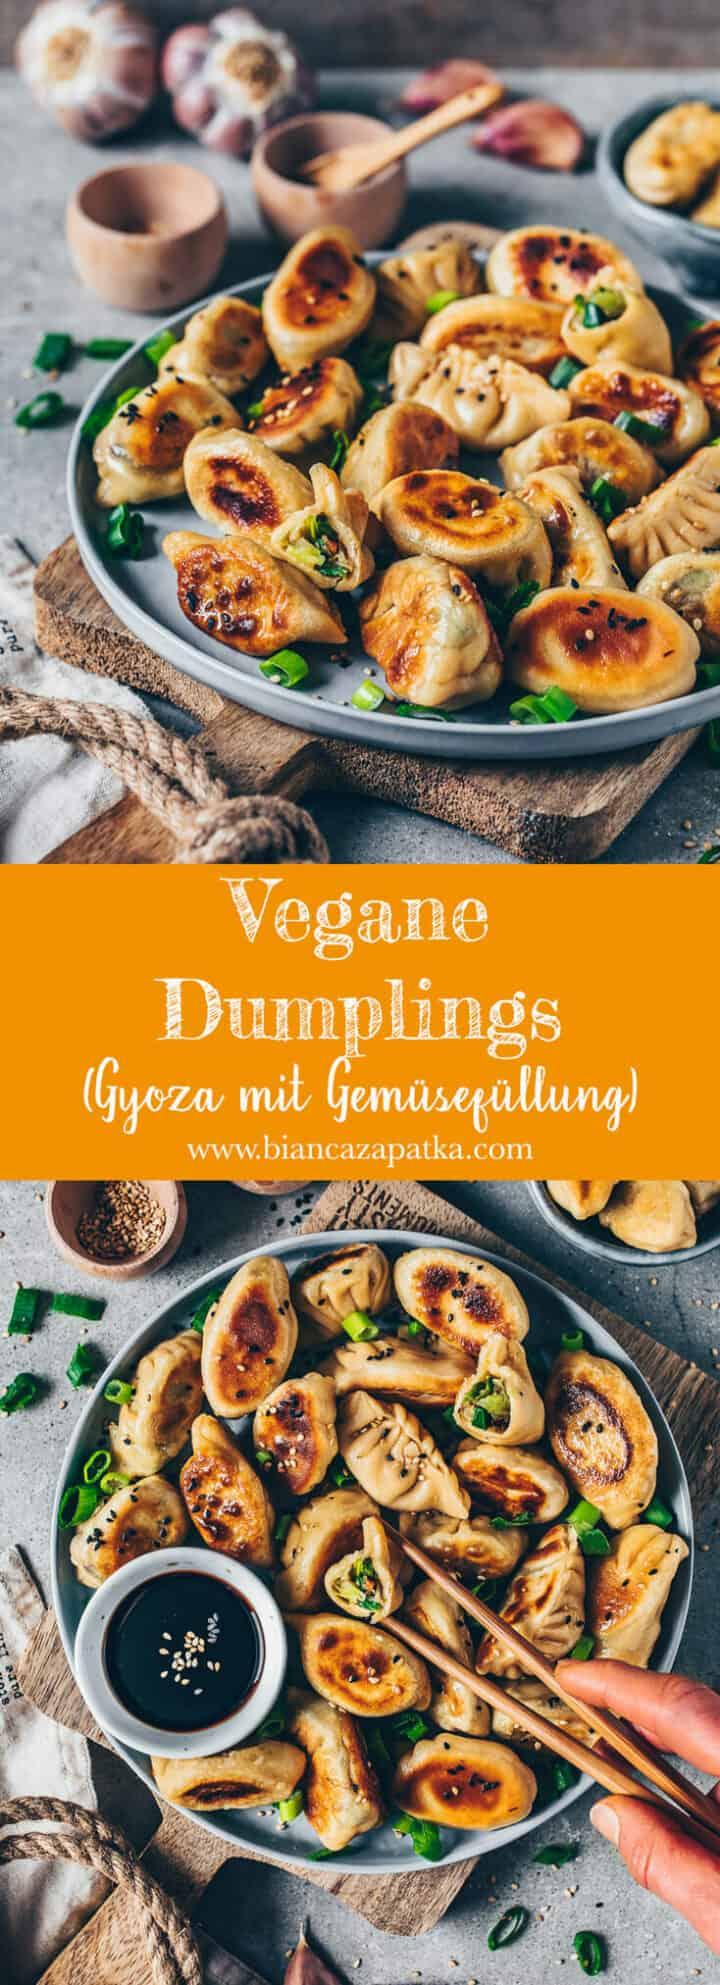 Knusprig gebratene Vegane Dumplings (Gyoza mit Gemüsefüllung) sind japanische Teigtaschen, auch Jiaozi genannt. Sie bestehen aus einem hausgemachten Dumpling-Teig und sind mit gesundem Gemüse gefüllt. Dieses Rezept ist ziemlich einfach und enthält eine Schritt-für-Schritt-Anleitung.